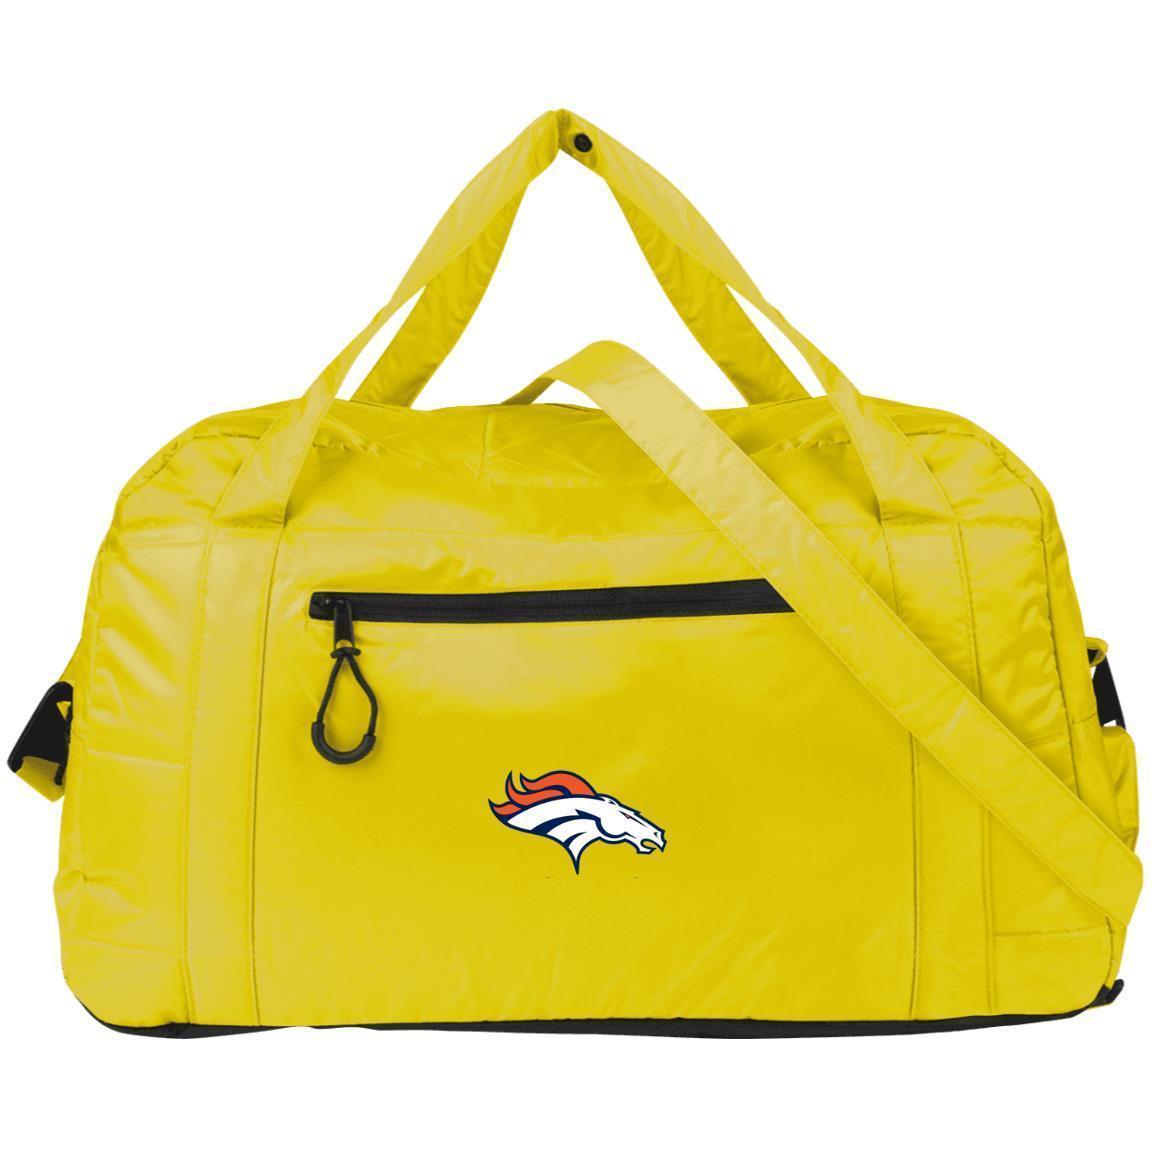 Denver Broncos Nfl Intuition Bag